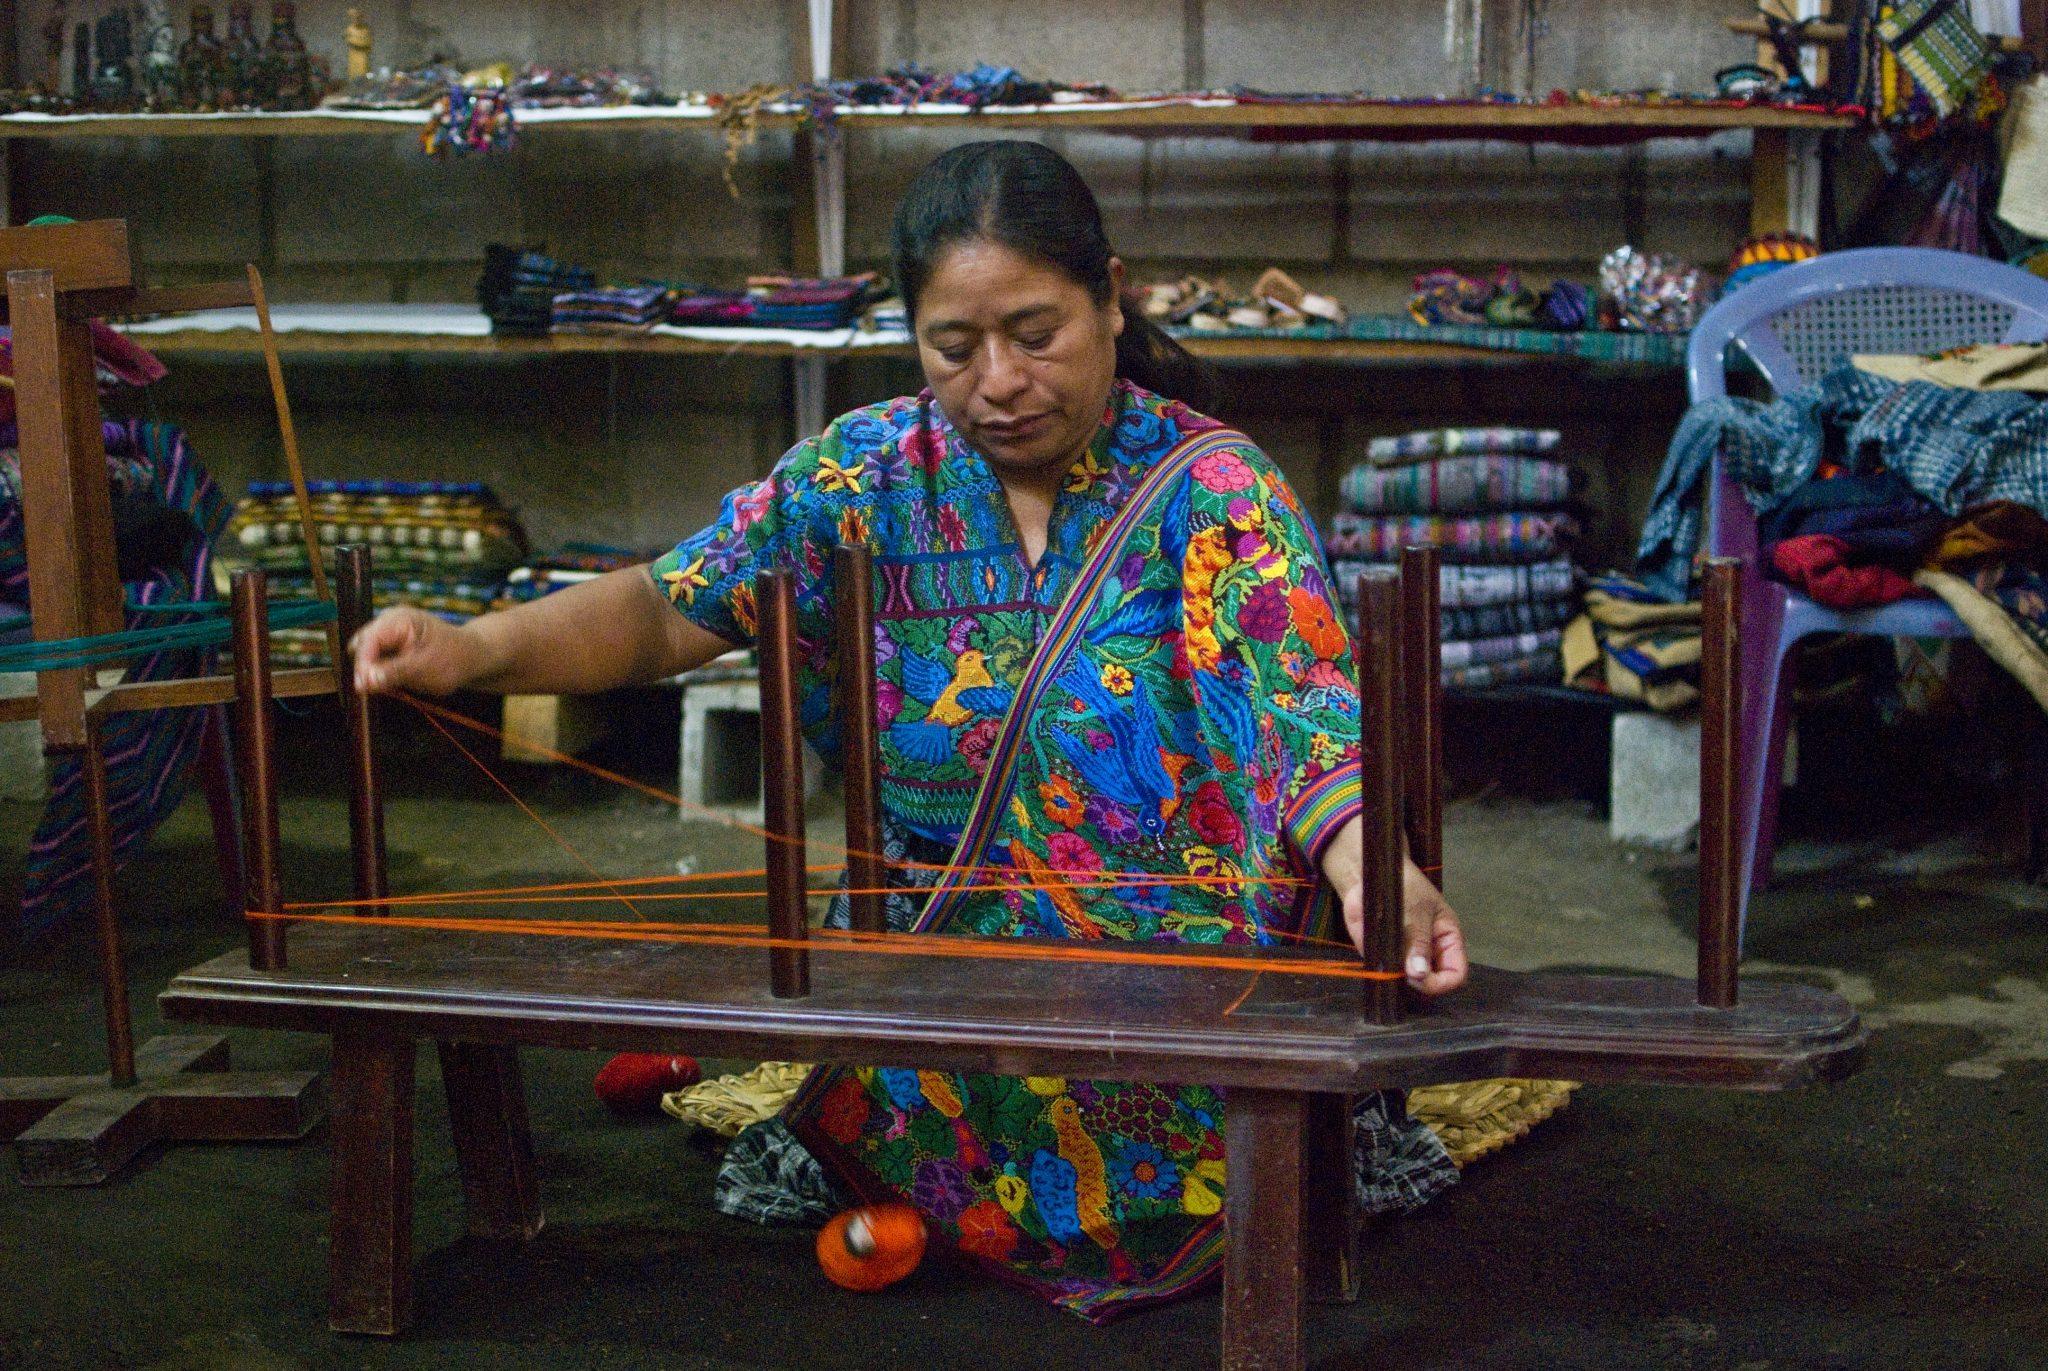 Wizyta wtradycyjnej gwatemalskiej tkalni podczas szkolenj wycieczki